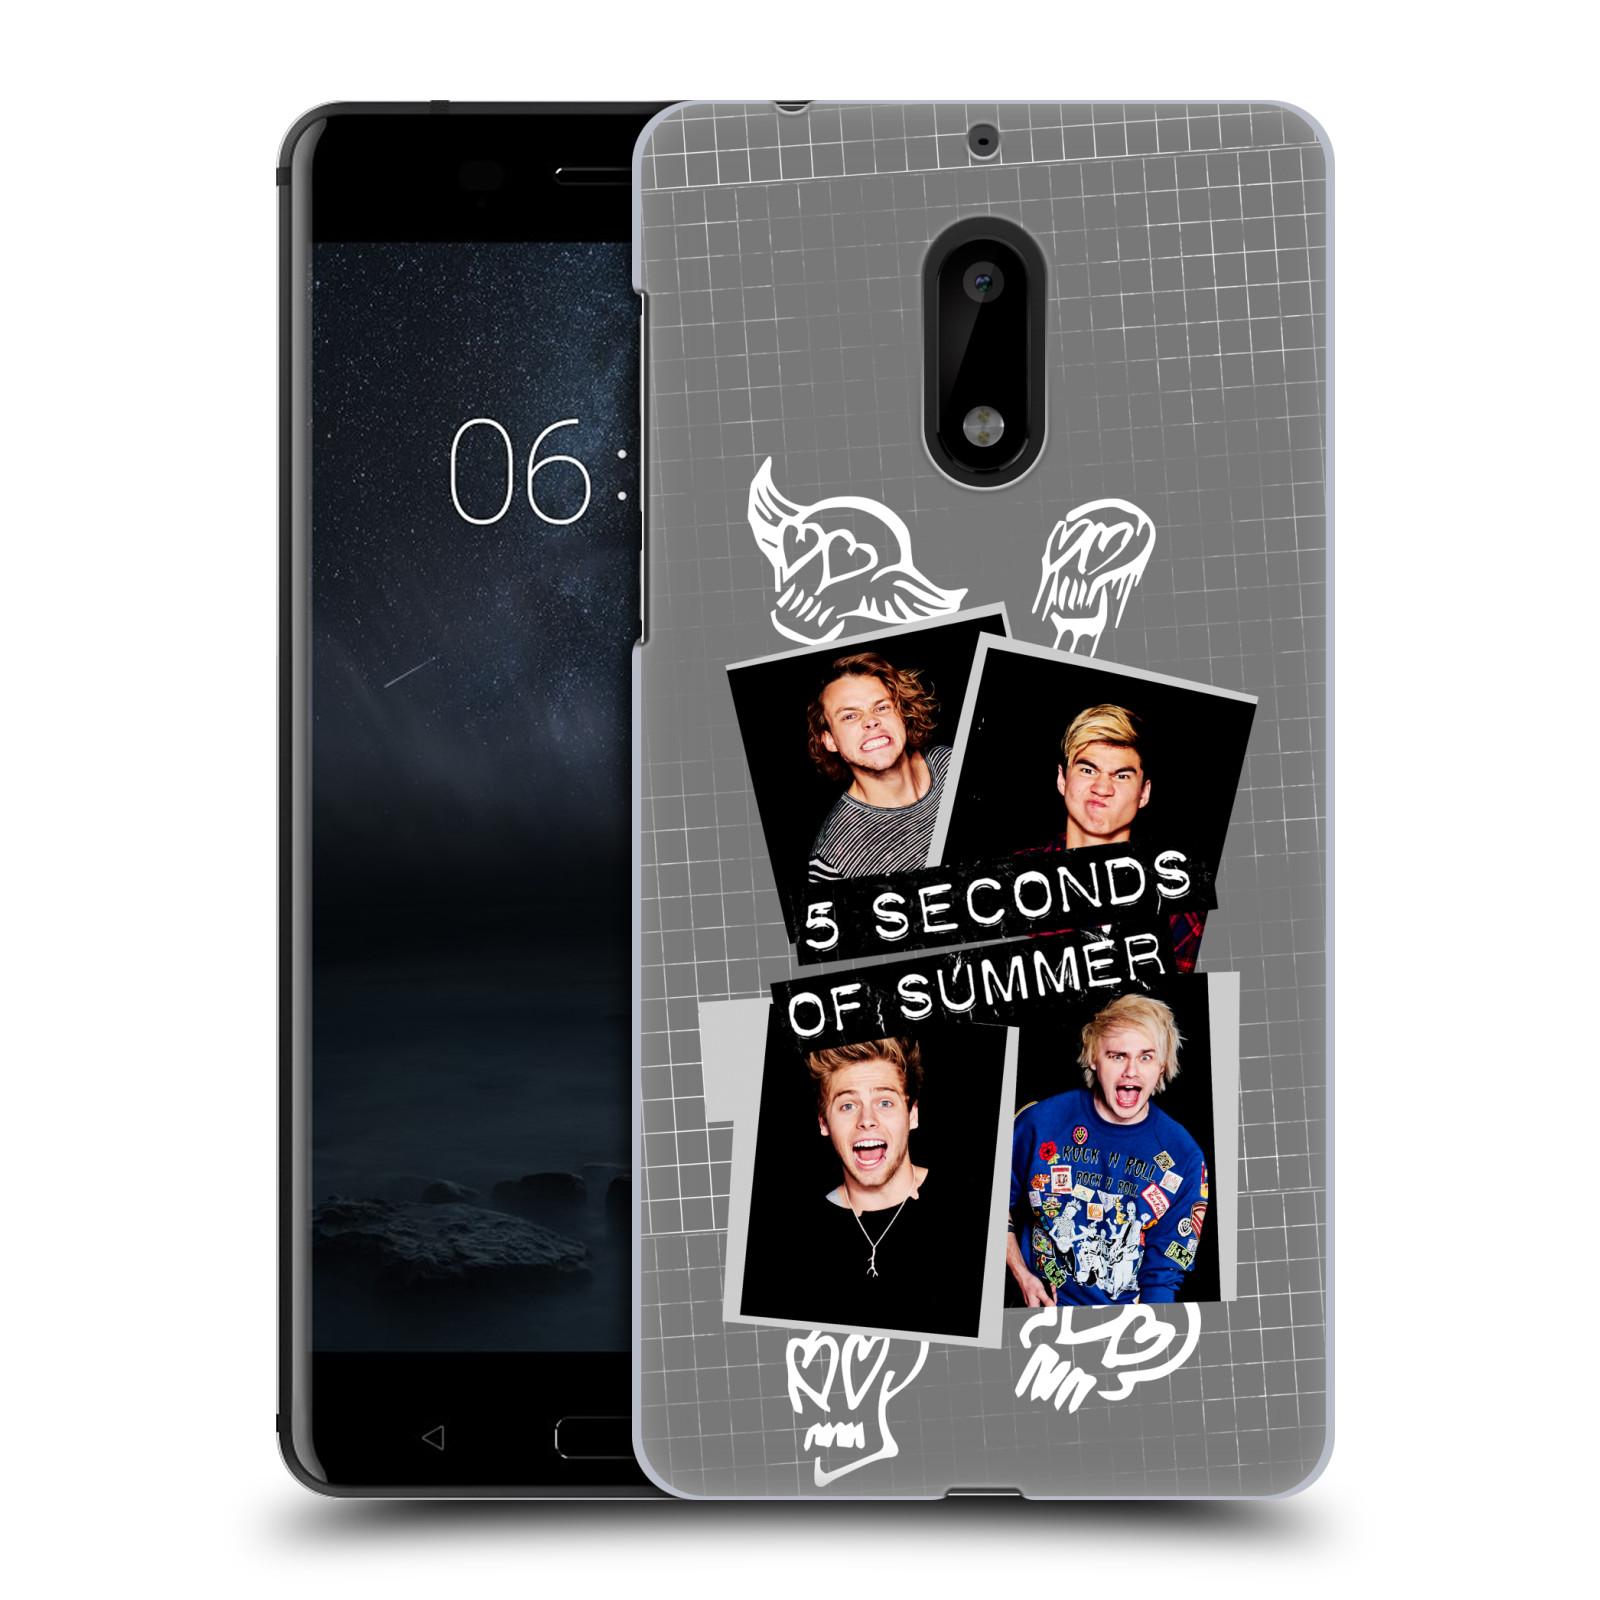 Plastové pouzdro na mobil Nokia 6 - Head Case 5 Seconds of Summer - Band Grey (Plastový kryt či obal na mobilní telefon licencovaným motivem 5 Seconds of Summer pro Nokia 6 (Dual SIM))